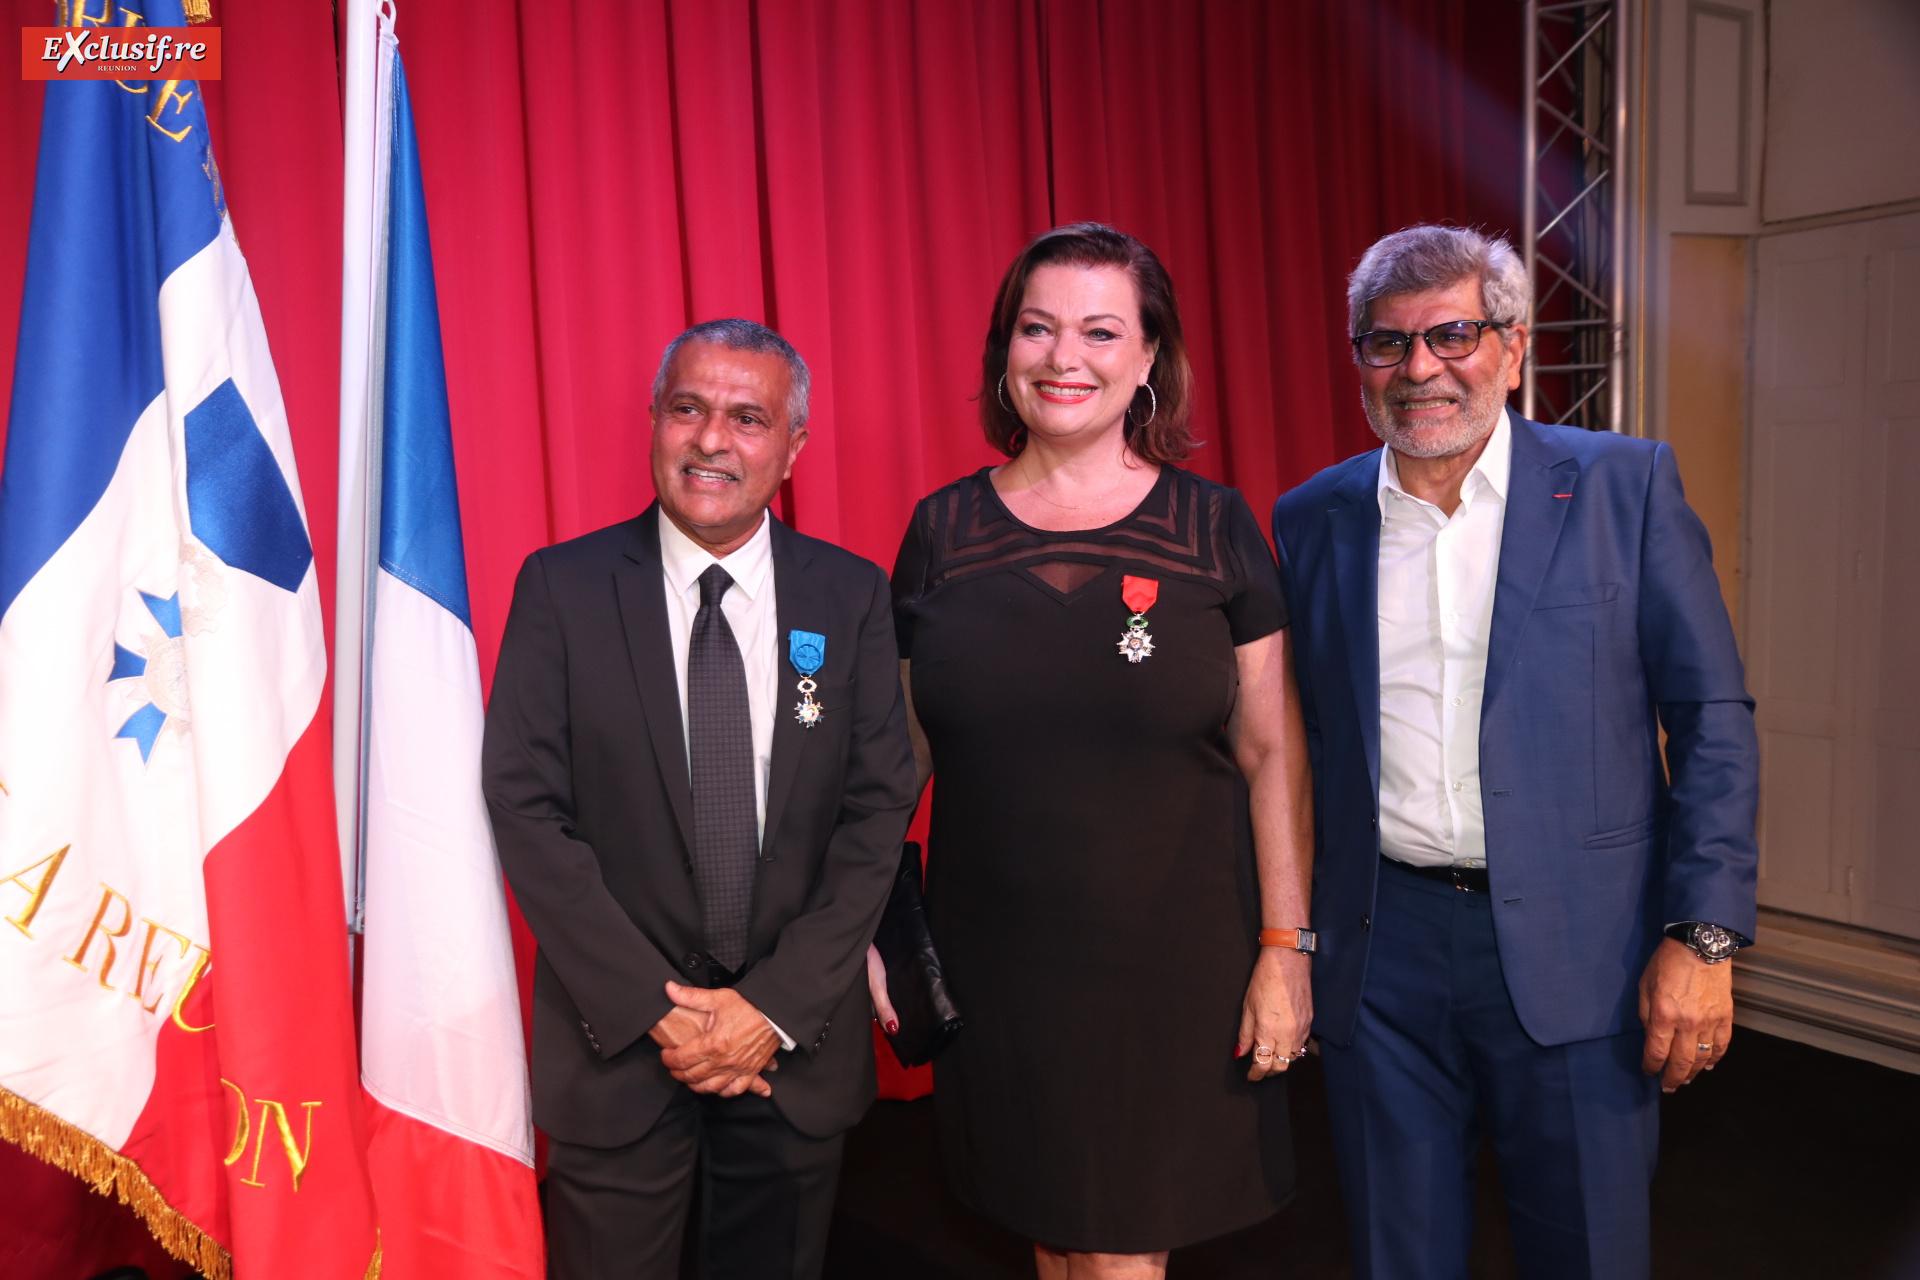 Younous Ravate et son frère Adam, entourant Jeanne Loyher, conseillère municipale de Saint-Denis